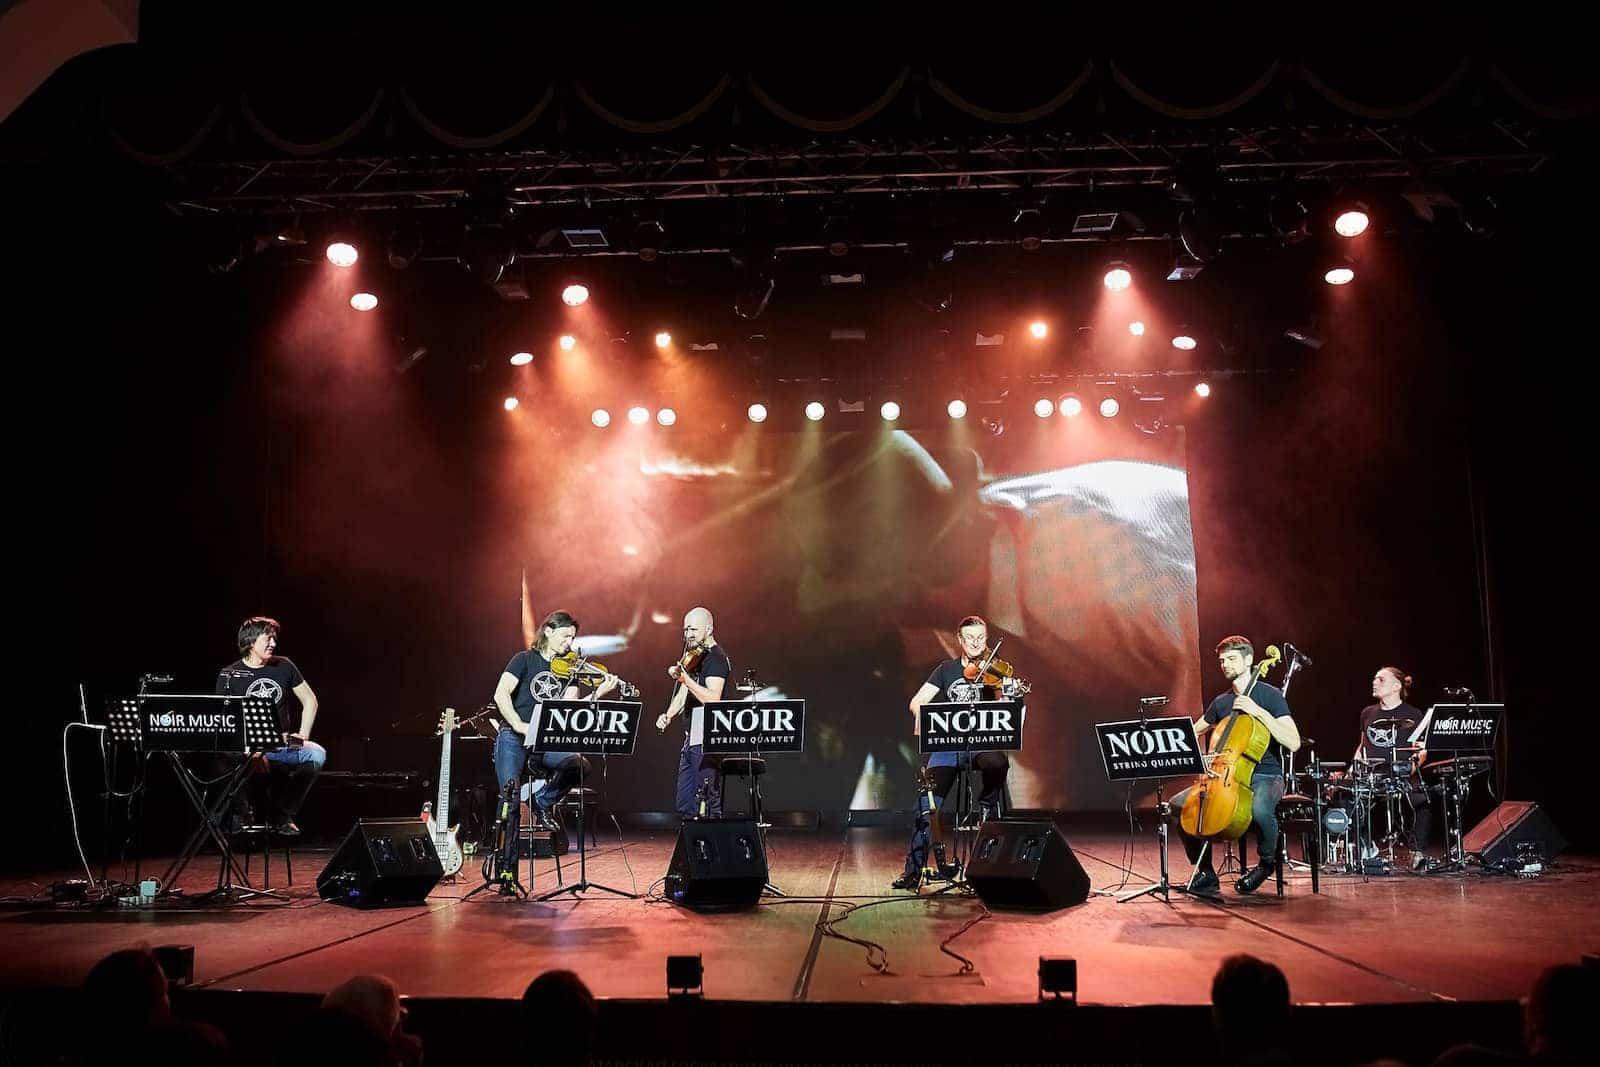 Концерт «Звук Кино: шоу саундтреков» в Москве 2019